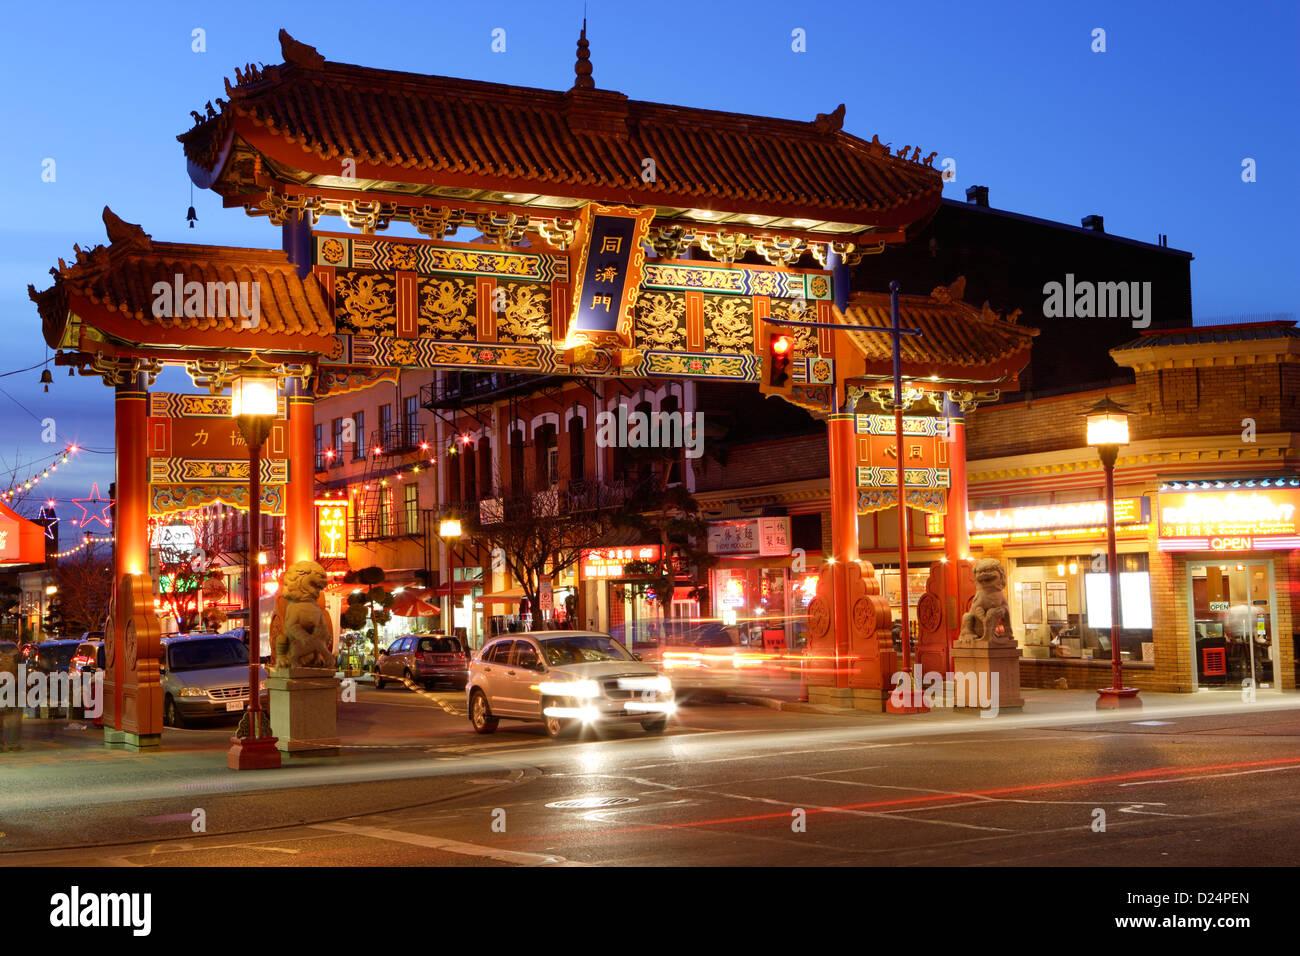 Gate di interesse armonioso in Canada la più antica Chinatown al crepuscolo-Victoria, British Columbia, Canada. Immagini Stock